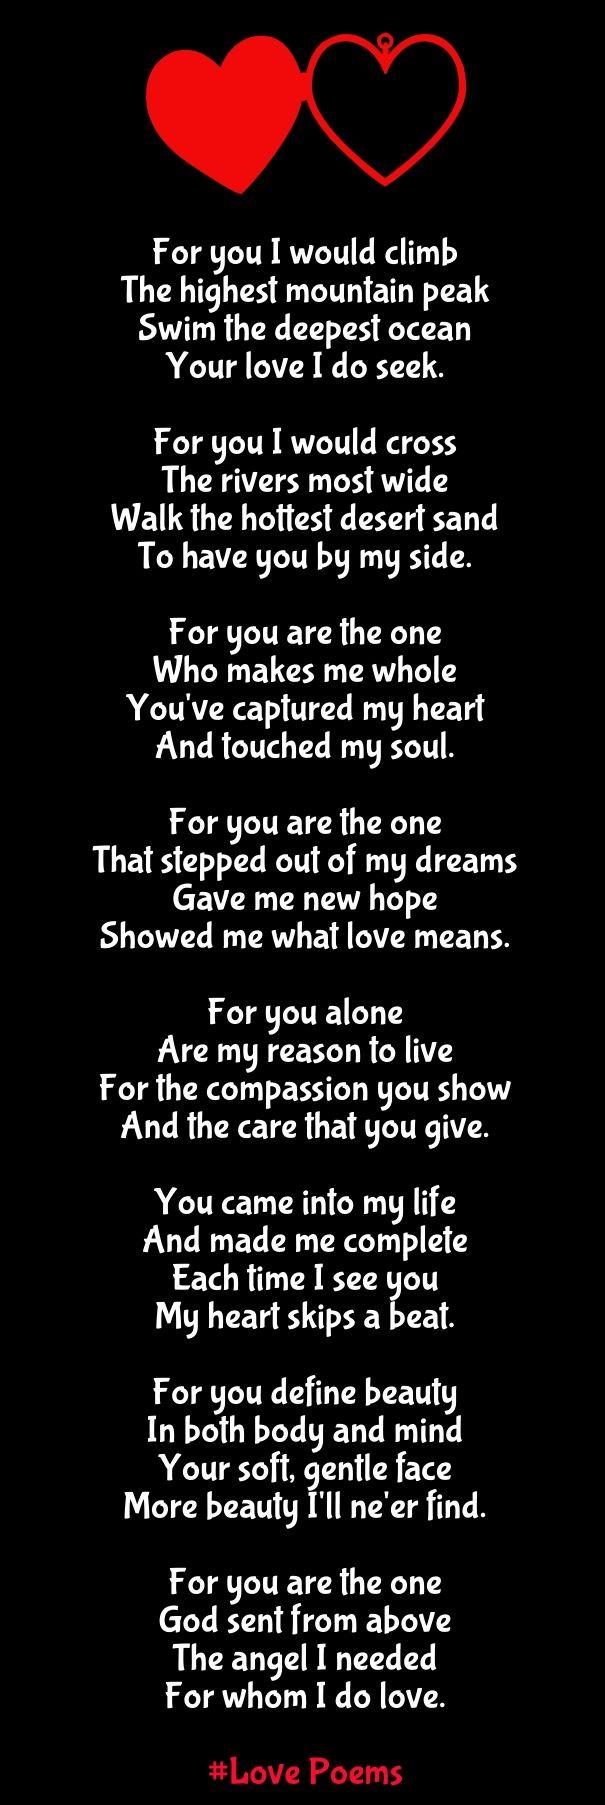 really-long-love-poems-for-her.jpg 605×1,805 pixels